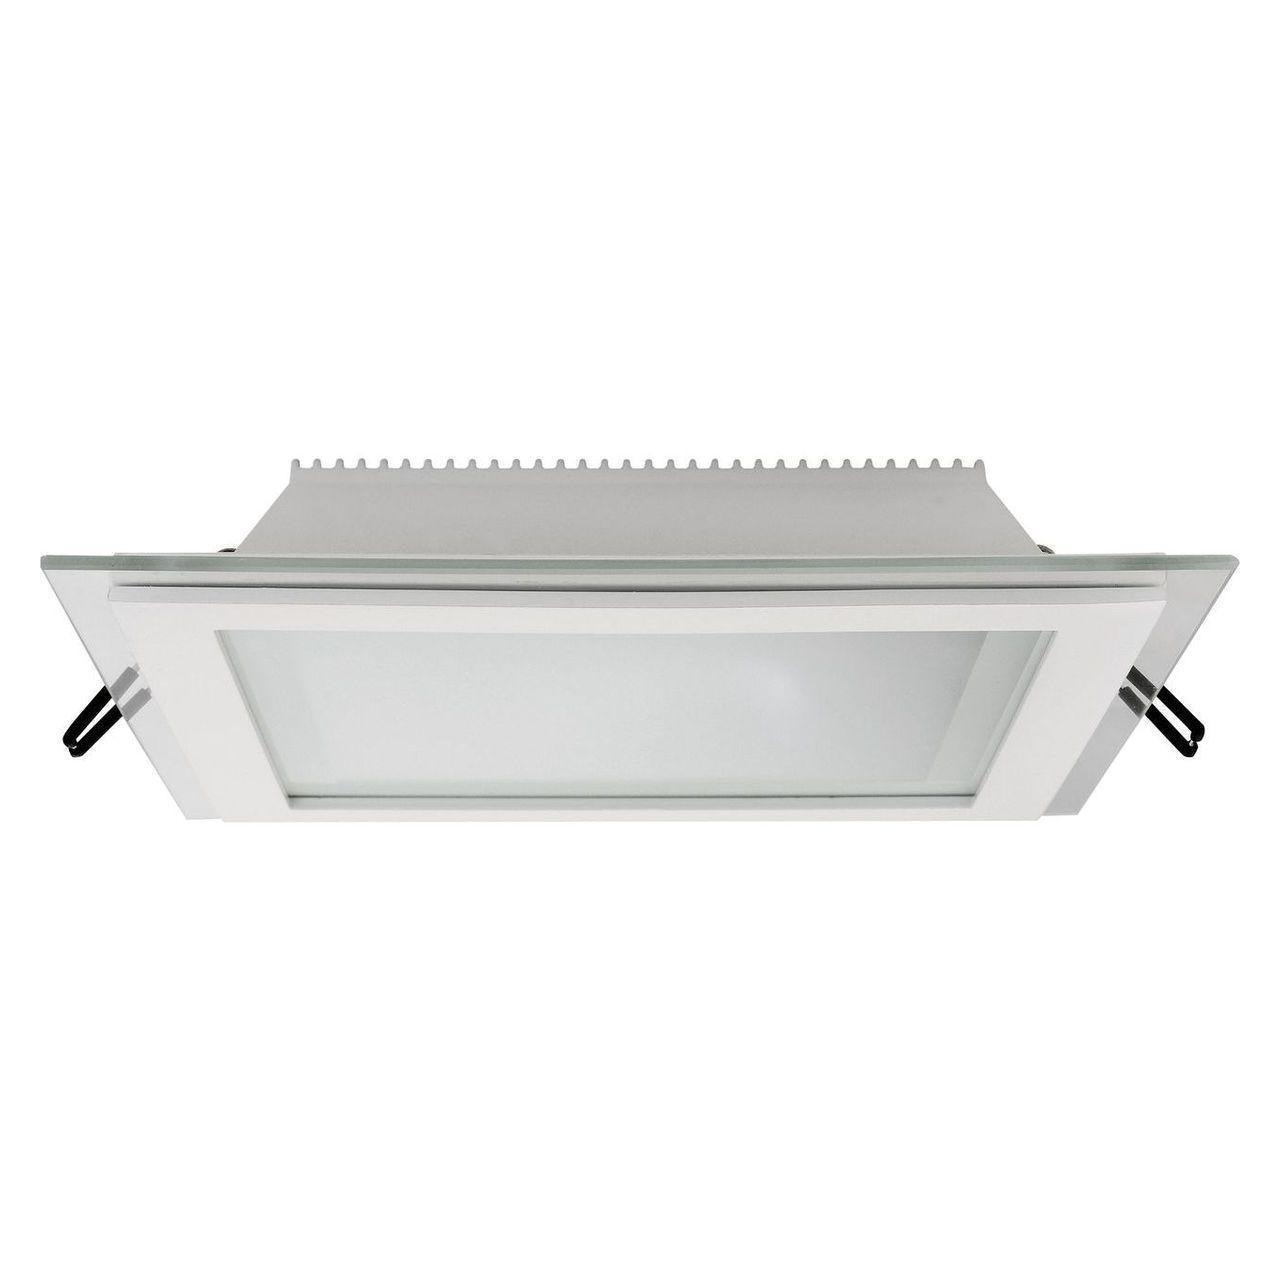 Встраиваемый светодиодный светильник Horoz Maria-15 15W 4200K белый 016-015-0015 (HL686LG) потолочный светодиодный светильник horoz 15w 4200k белый 016 026 0015 hl639l